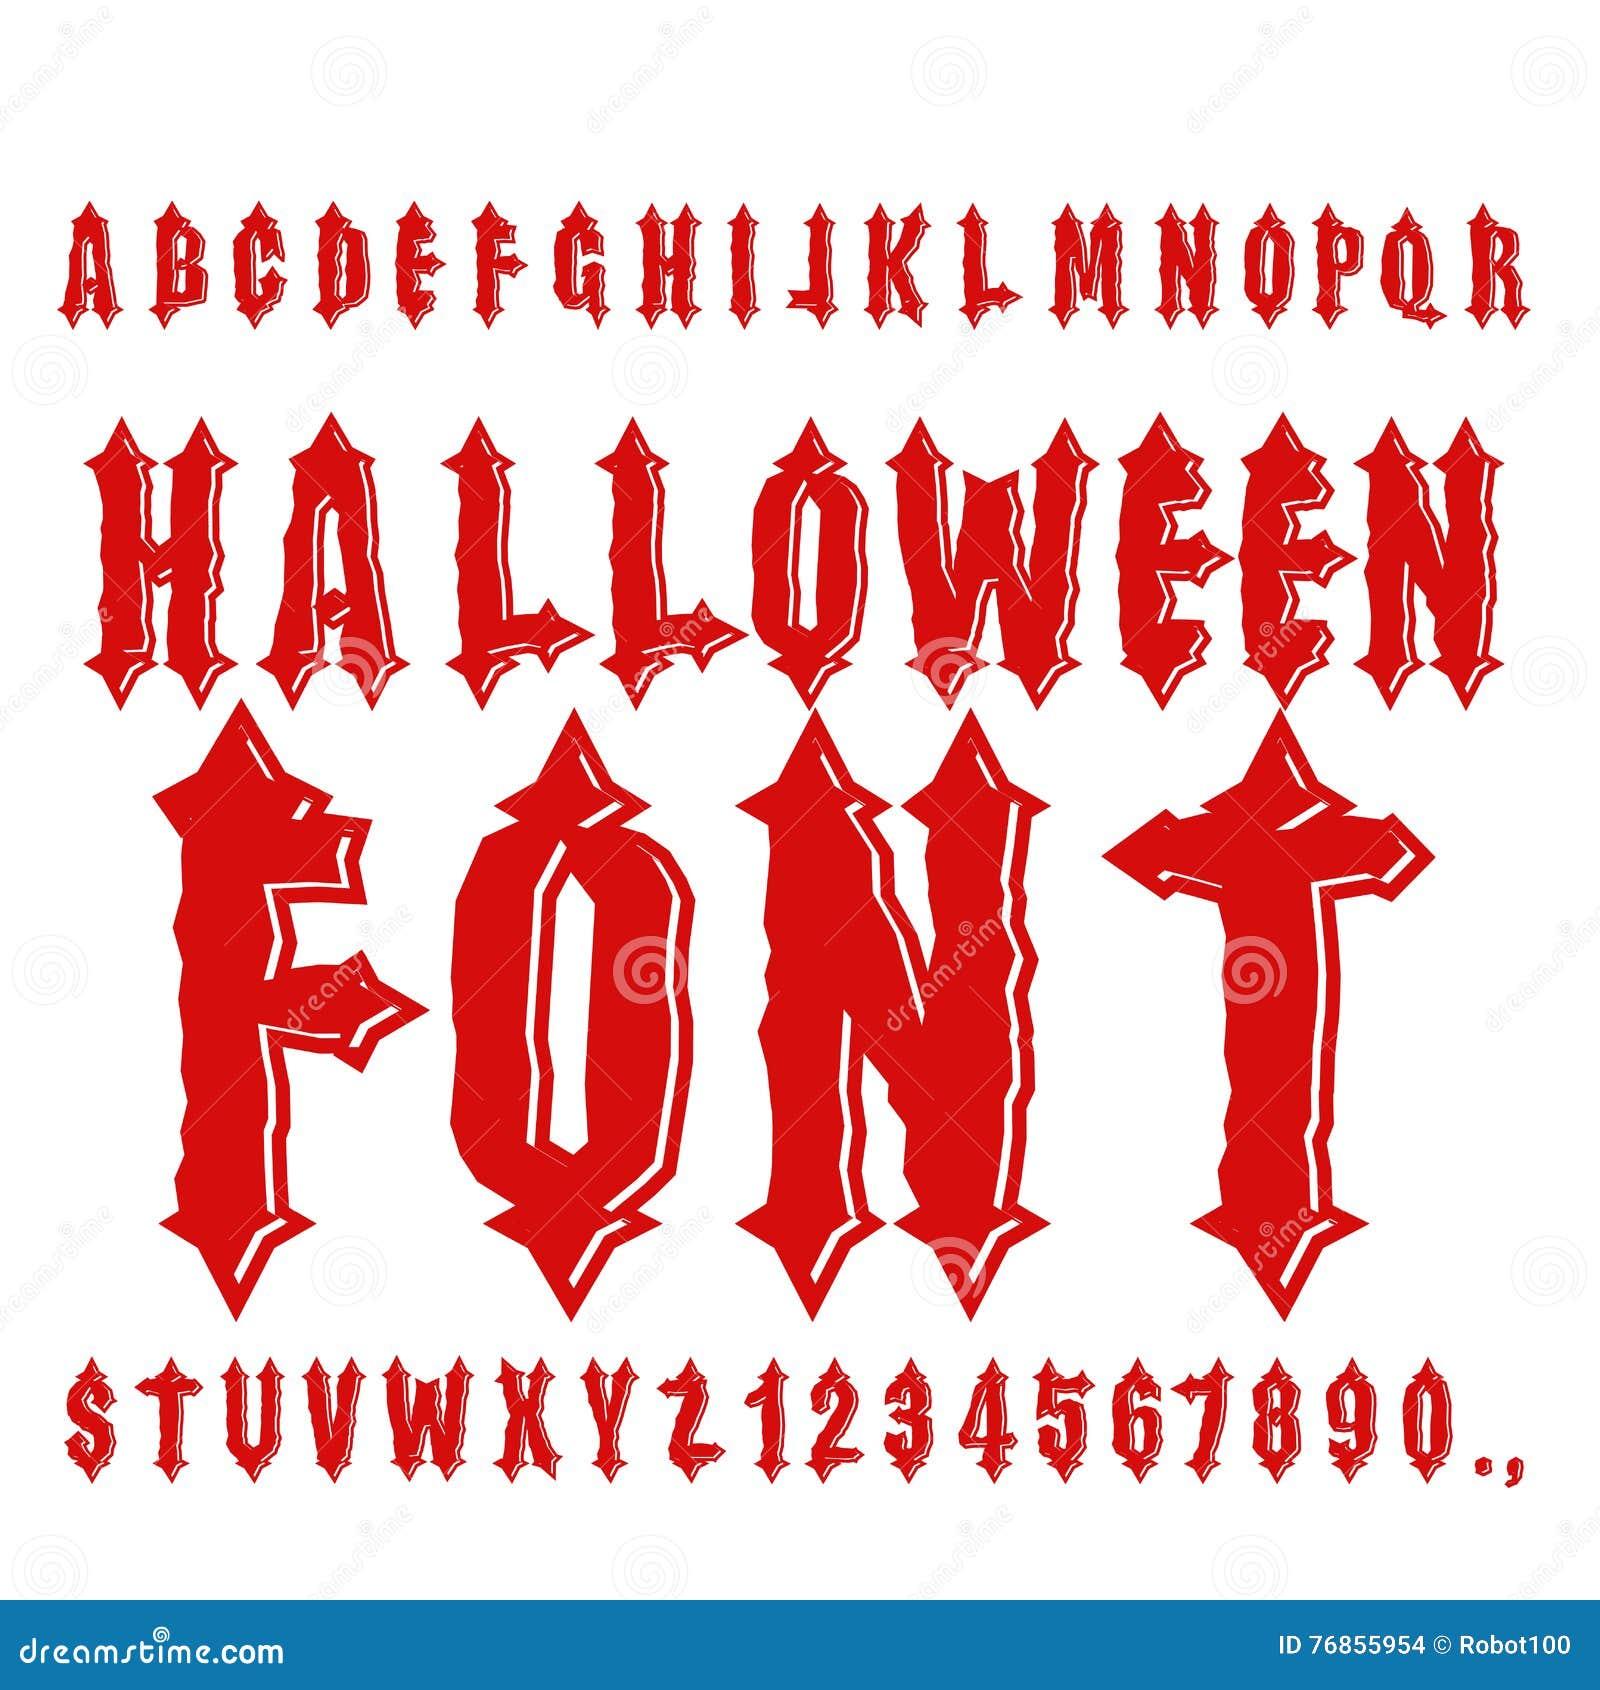 Police de halloween alphabet antique lettres gothiques de sang cru download comp thecheapjerseys Choice Image